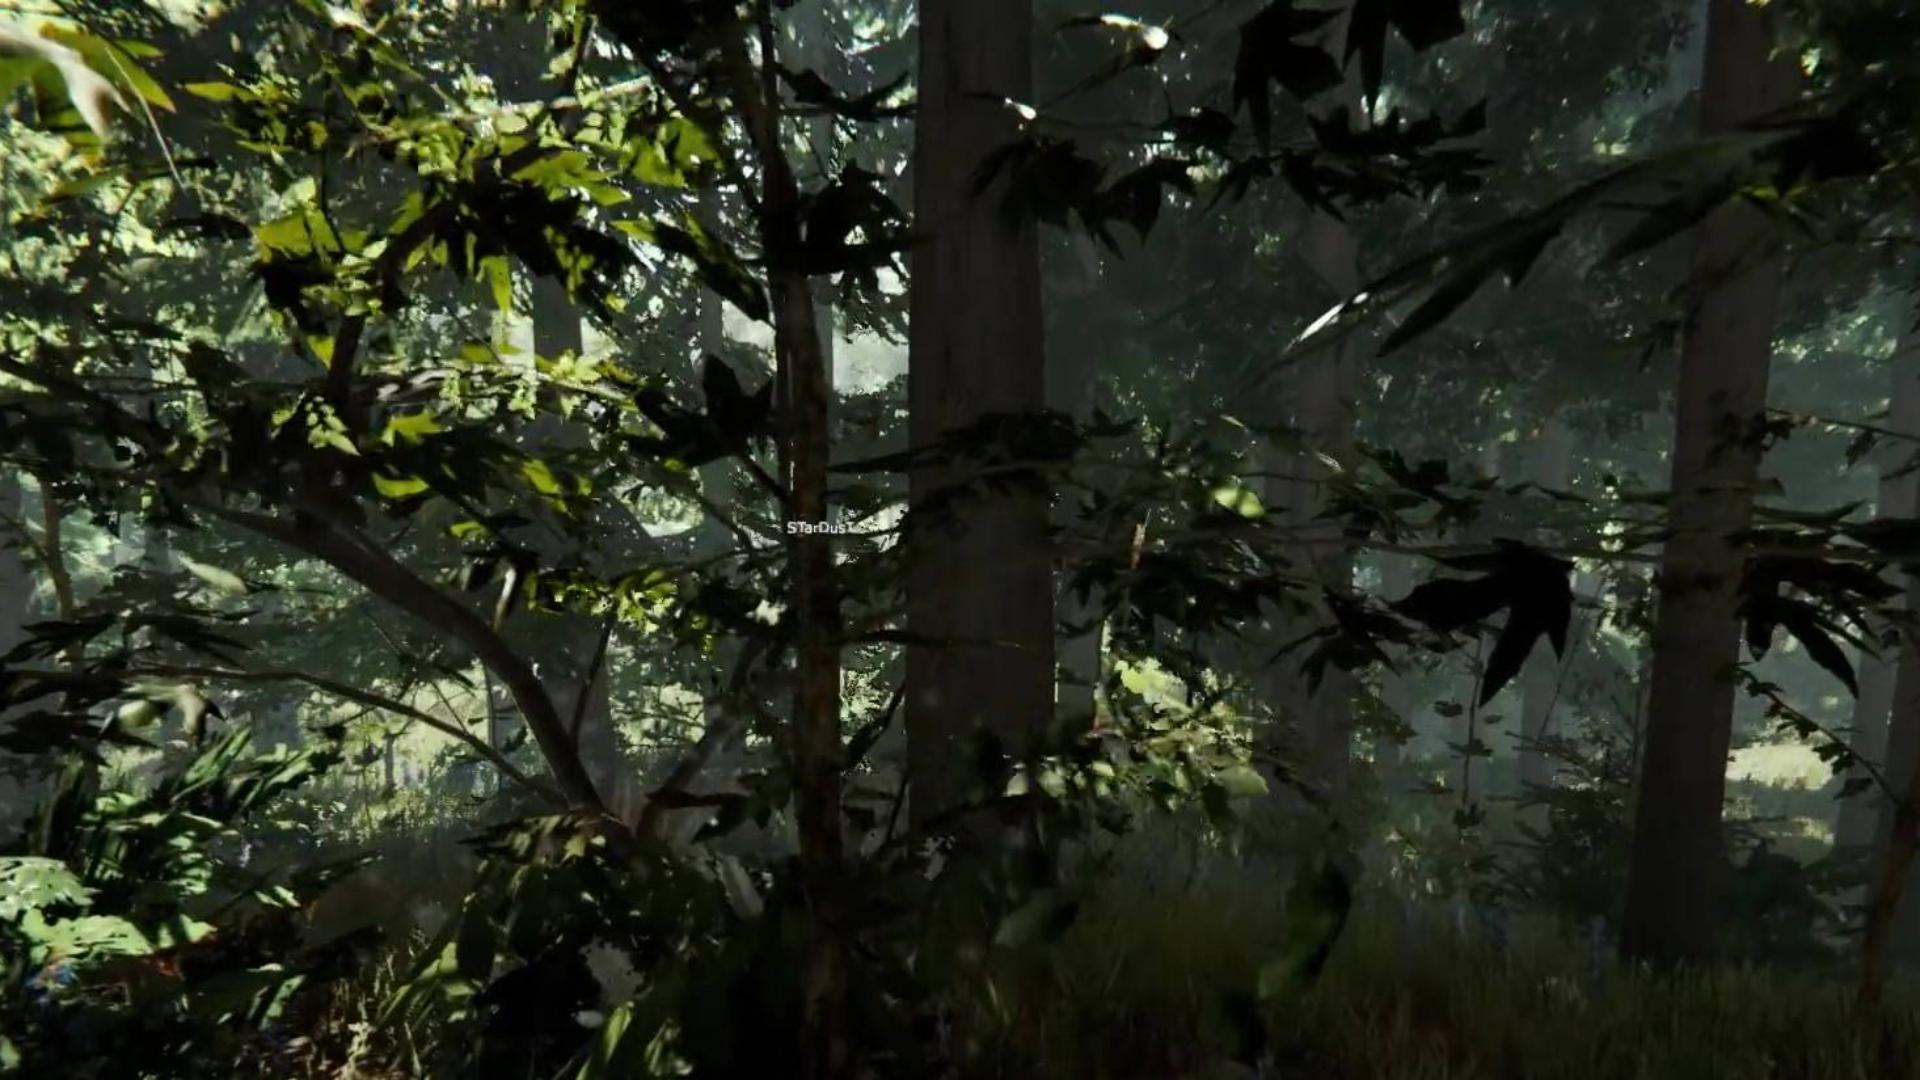 第一次玩一个游戏这么久,也许我已经爱上这片森林01